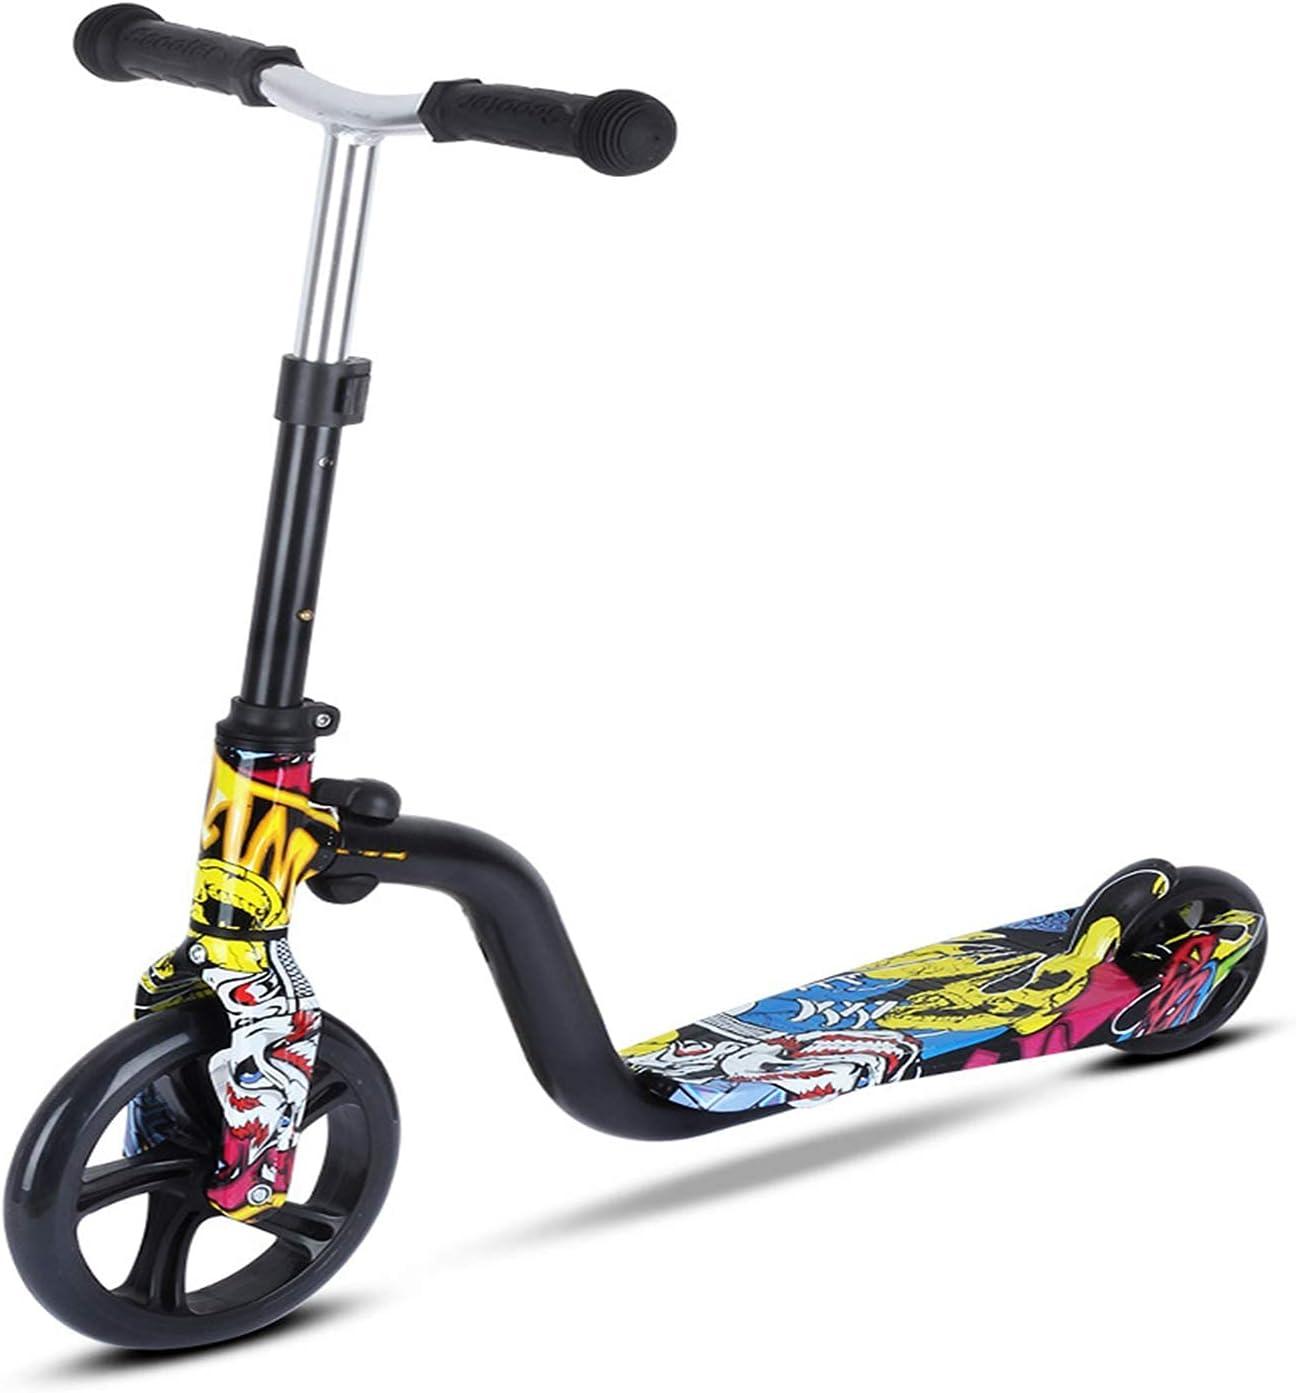 H&1 Patineta Junior Scooter, Adecuado para niños, Ruedas Grandes duraderas, Ruedas agrandadas, Pasa Suavemente por la Carretera, el Scooter es Adecuado para niños de